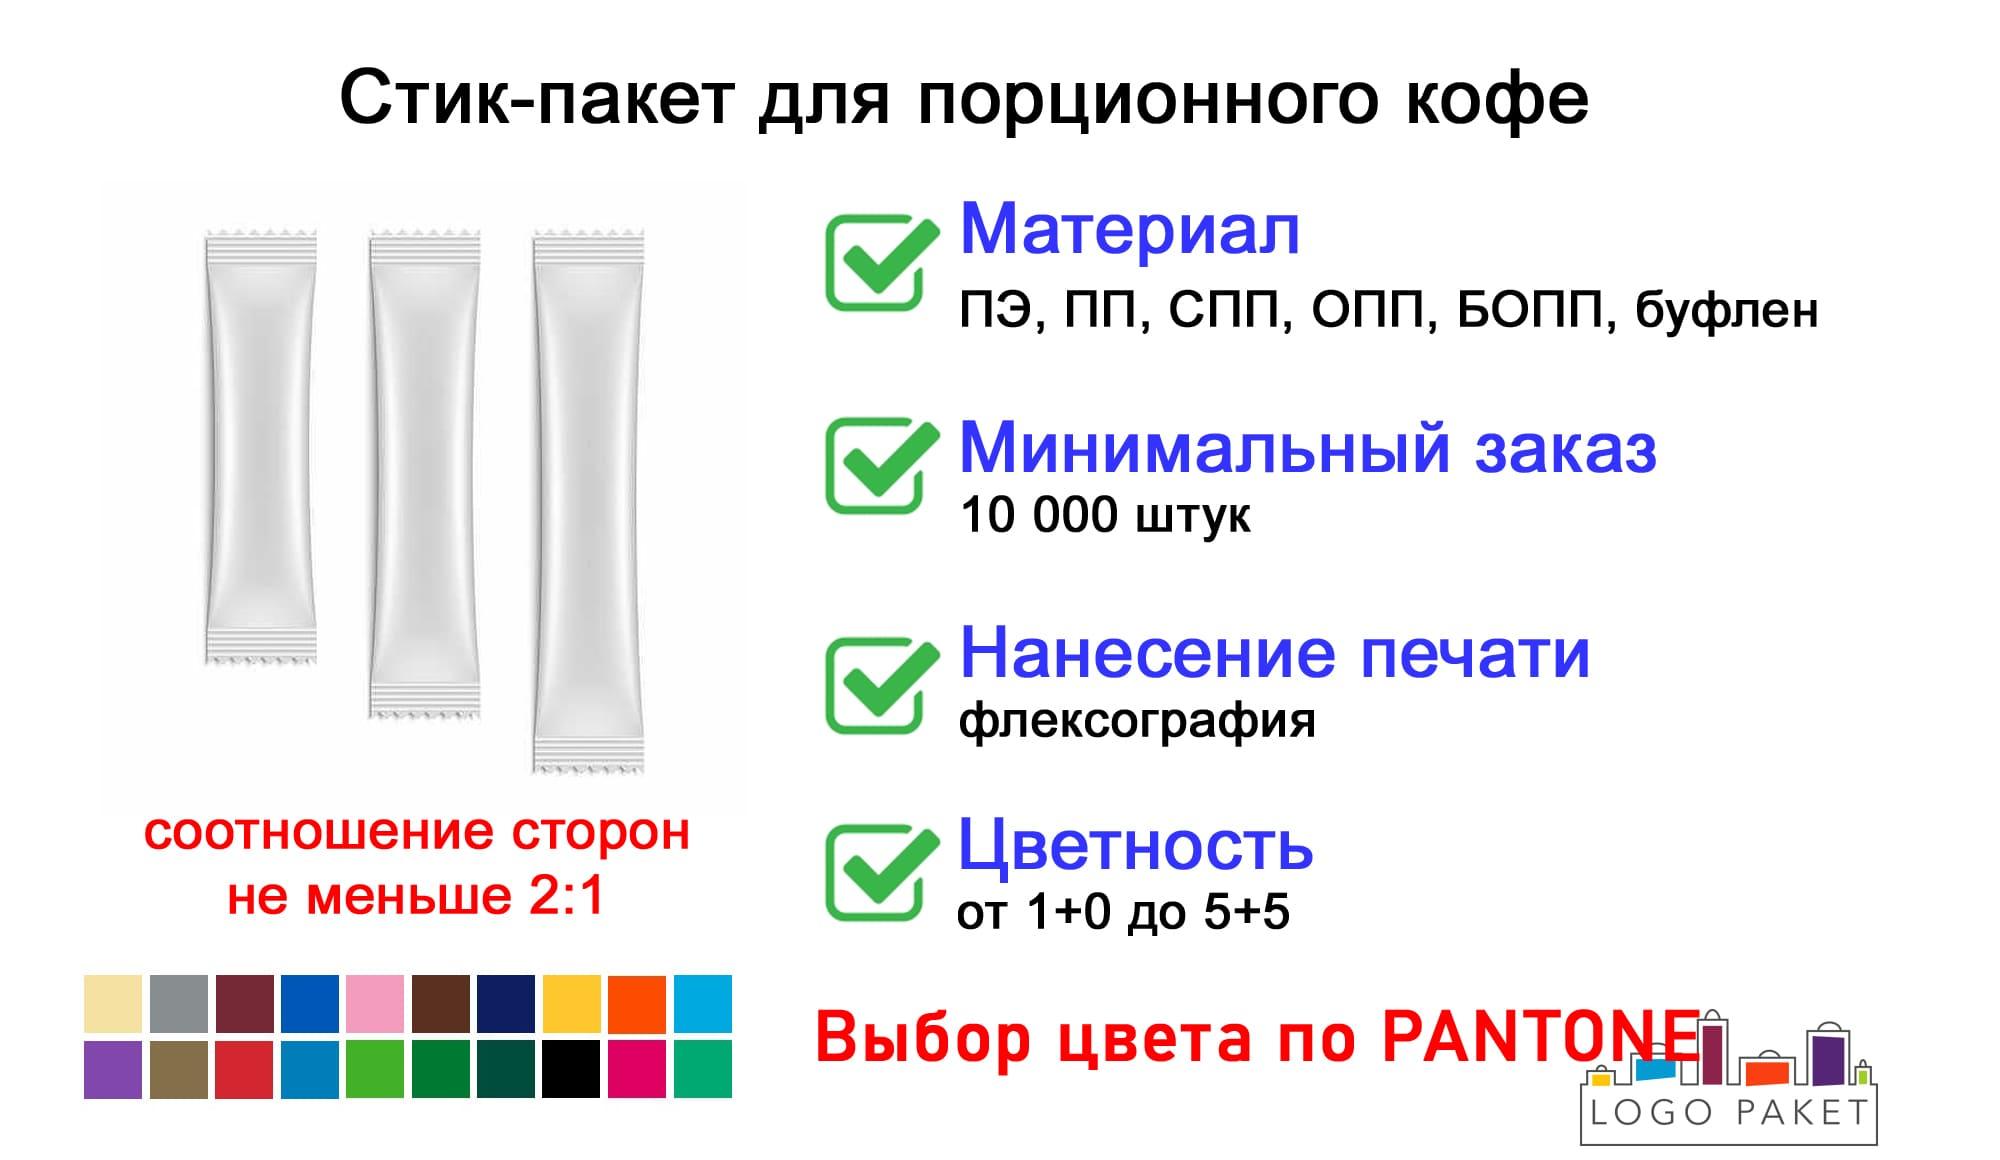 Стик пакет для кофе инфографика